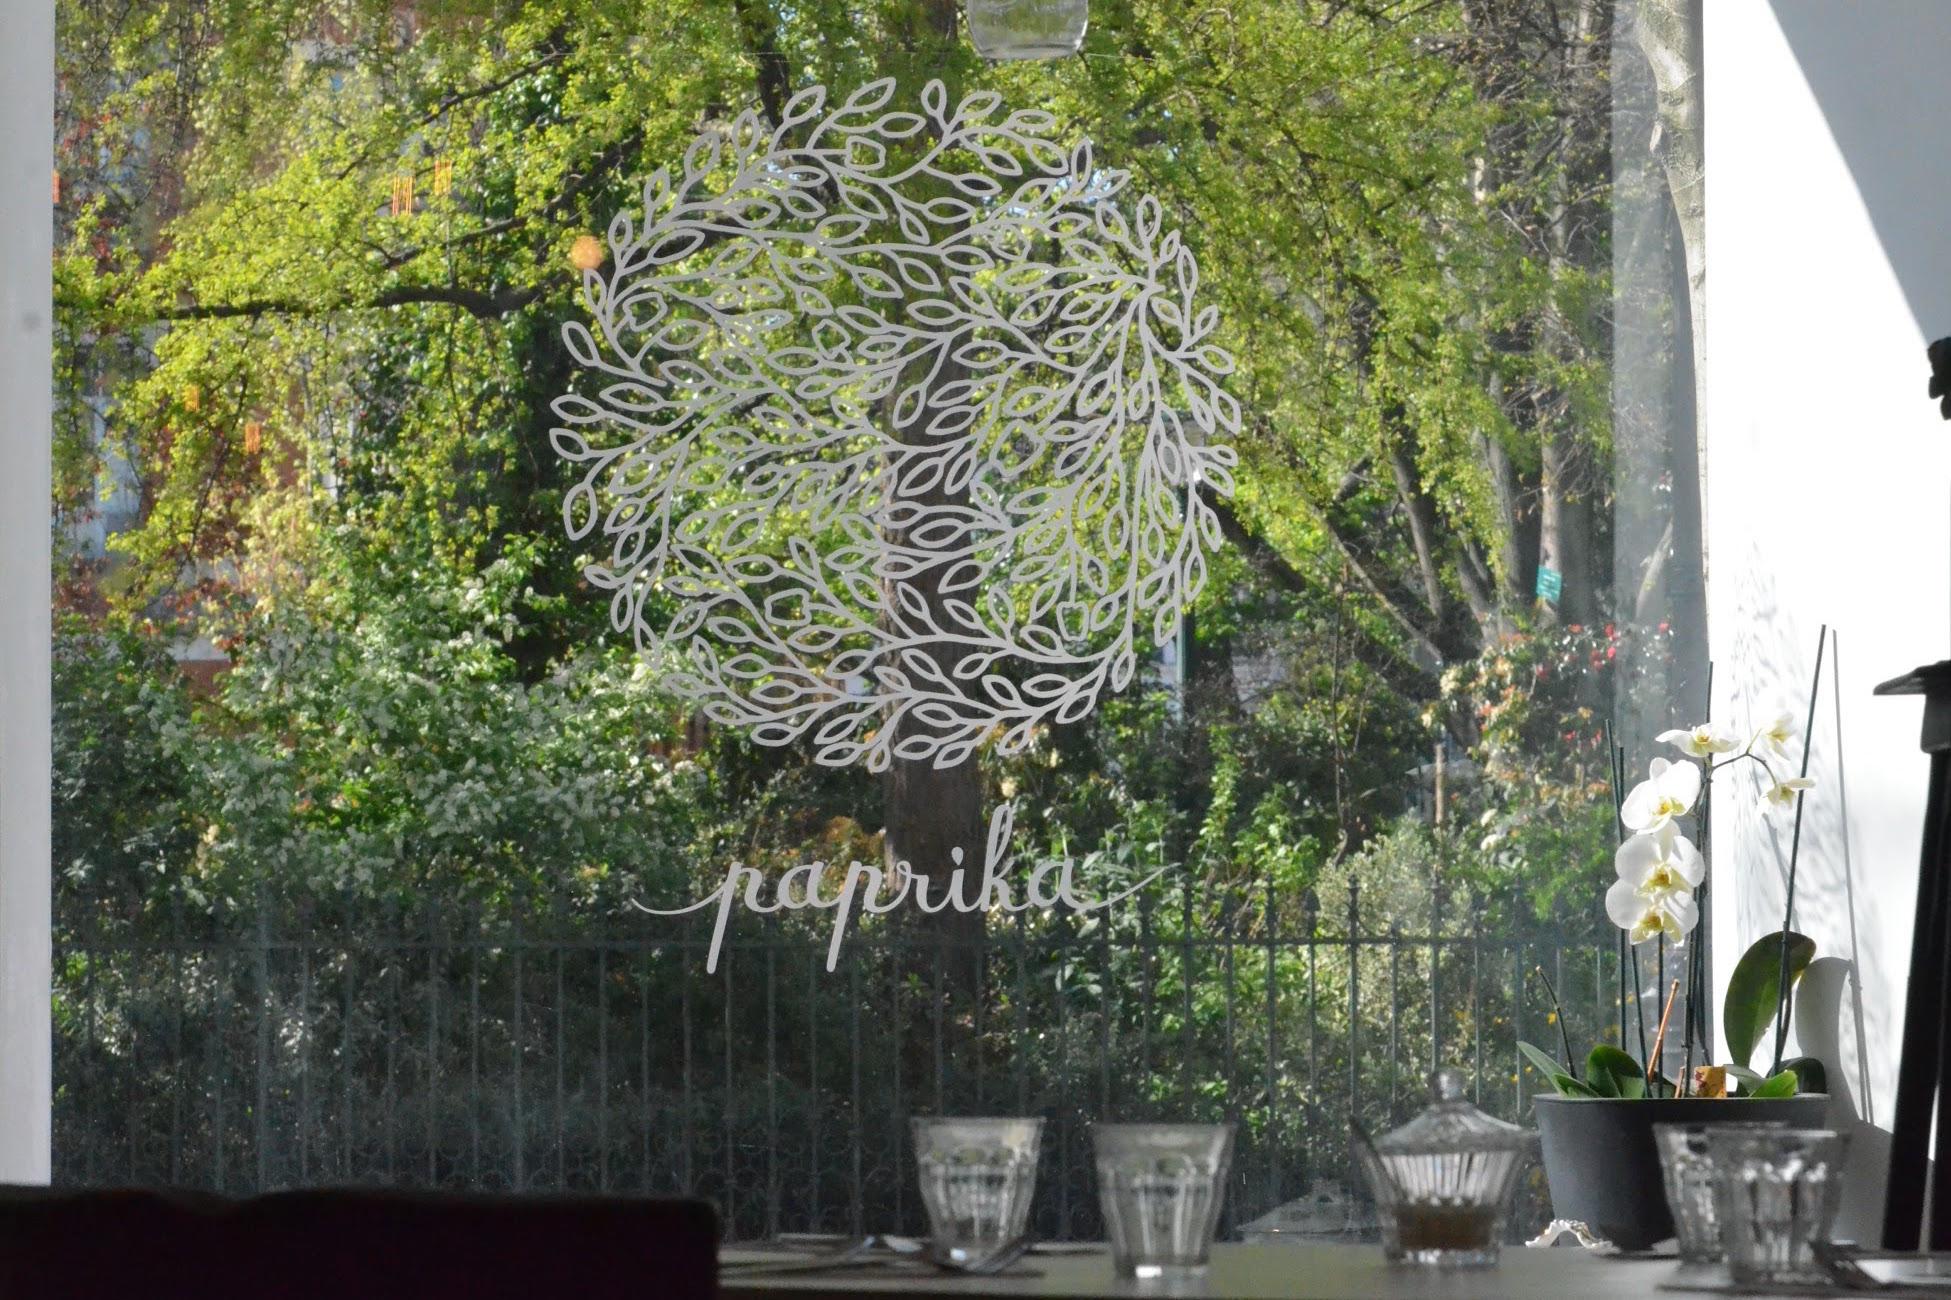 Paprika Paris